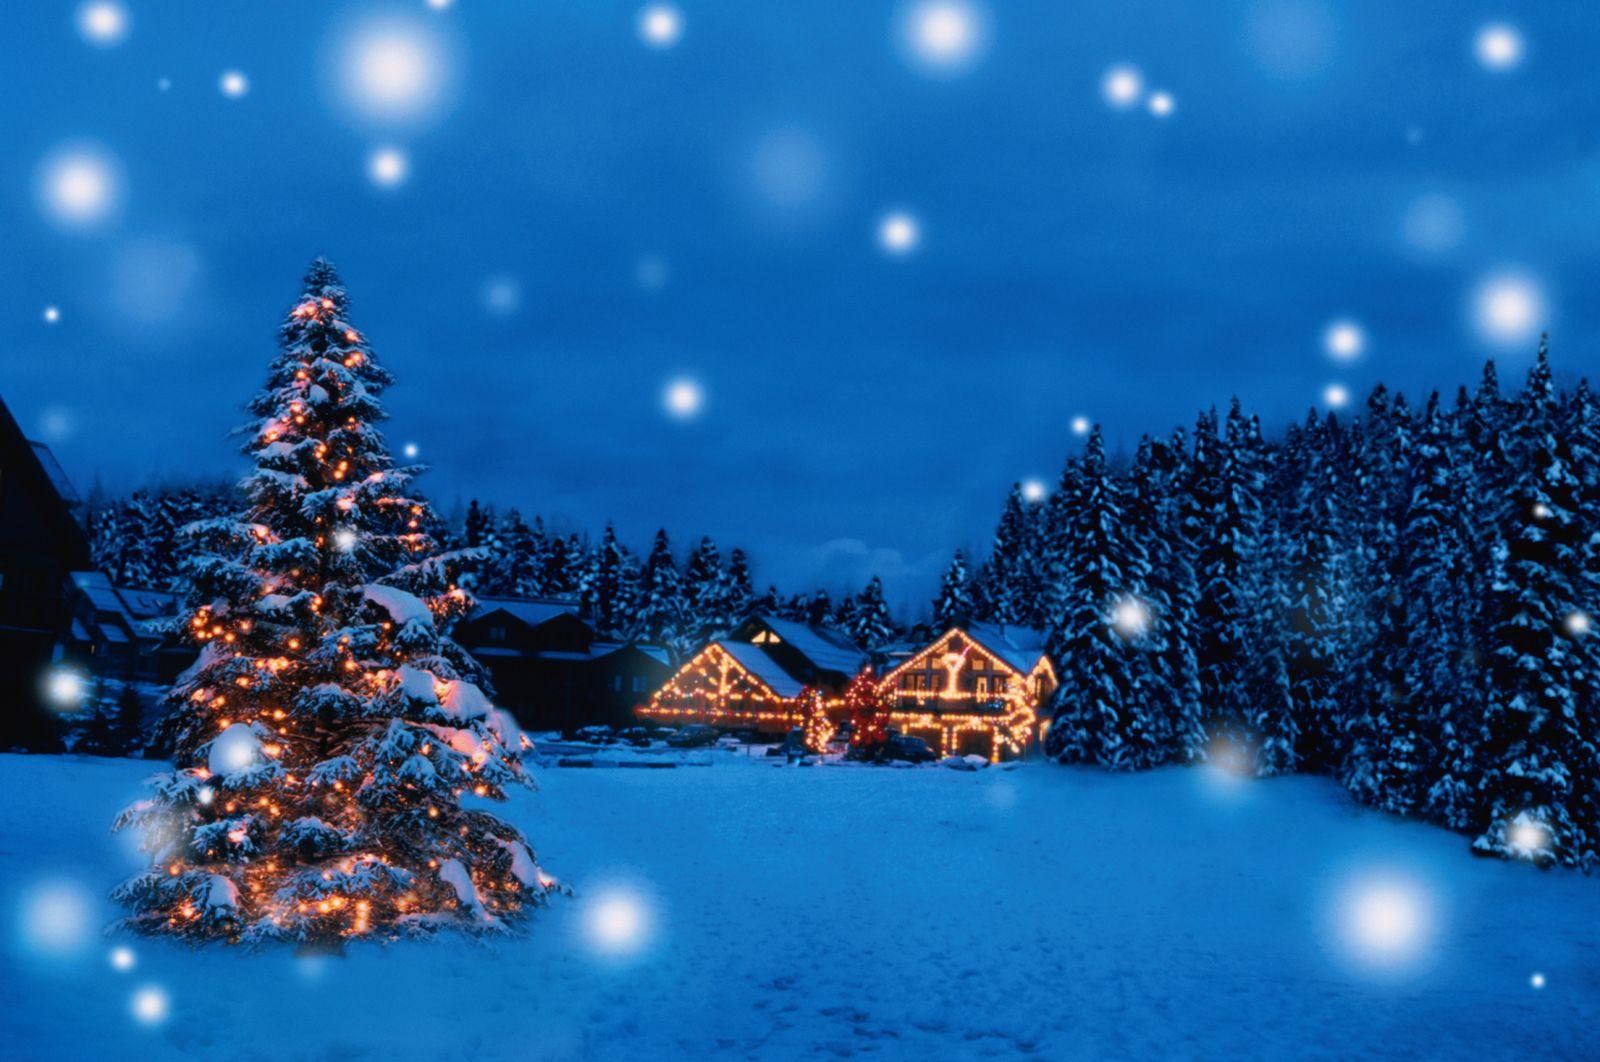 NICHT MEHR VERWENDEN! - SYMBOLBILD / Weiße Weihnachten / Schnee / Winter